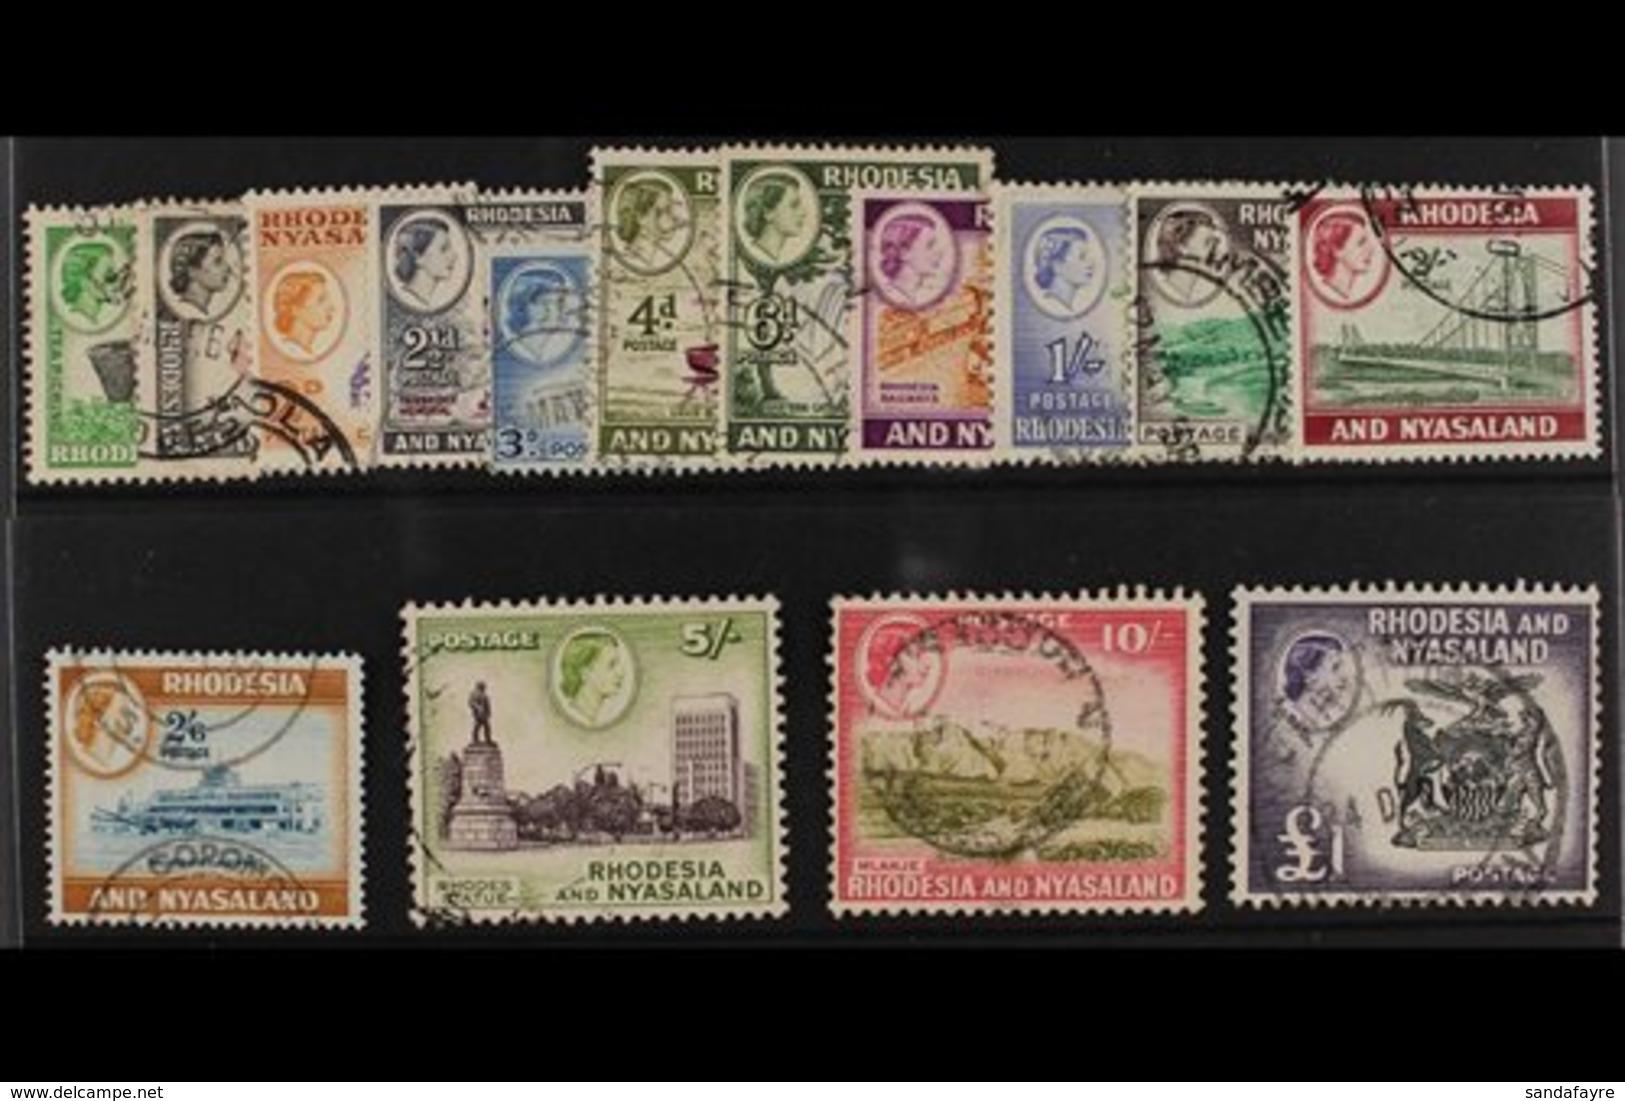 1959-62 Definitives Complete Set, SG 18/31, Fine Used. (15 Stamps) For More Images, Please Visit Http://www.sandafayre.c - Rhodésie & Nyasaland (1954-1963)